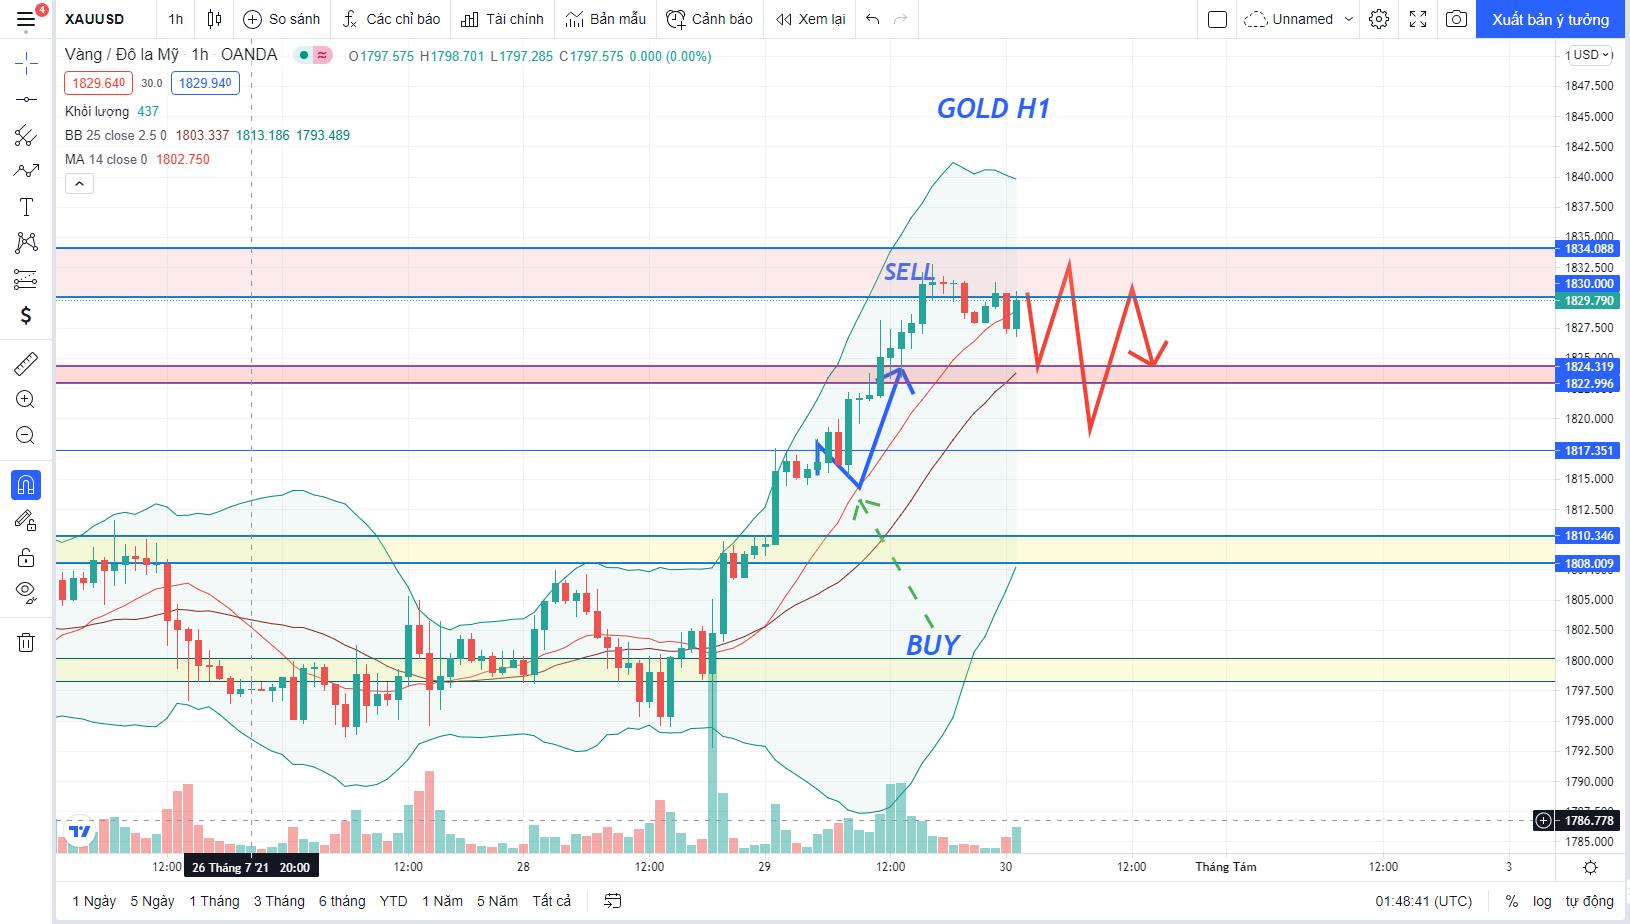 Phân tích Forex XAU/USD: Giá GOLD tiến hành đi Sideway tầm đỉnh H1